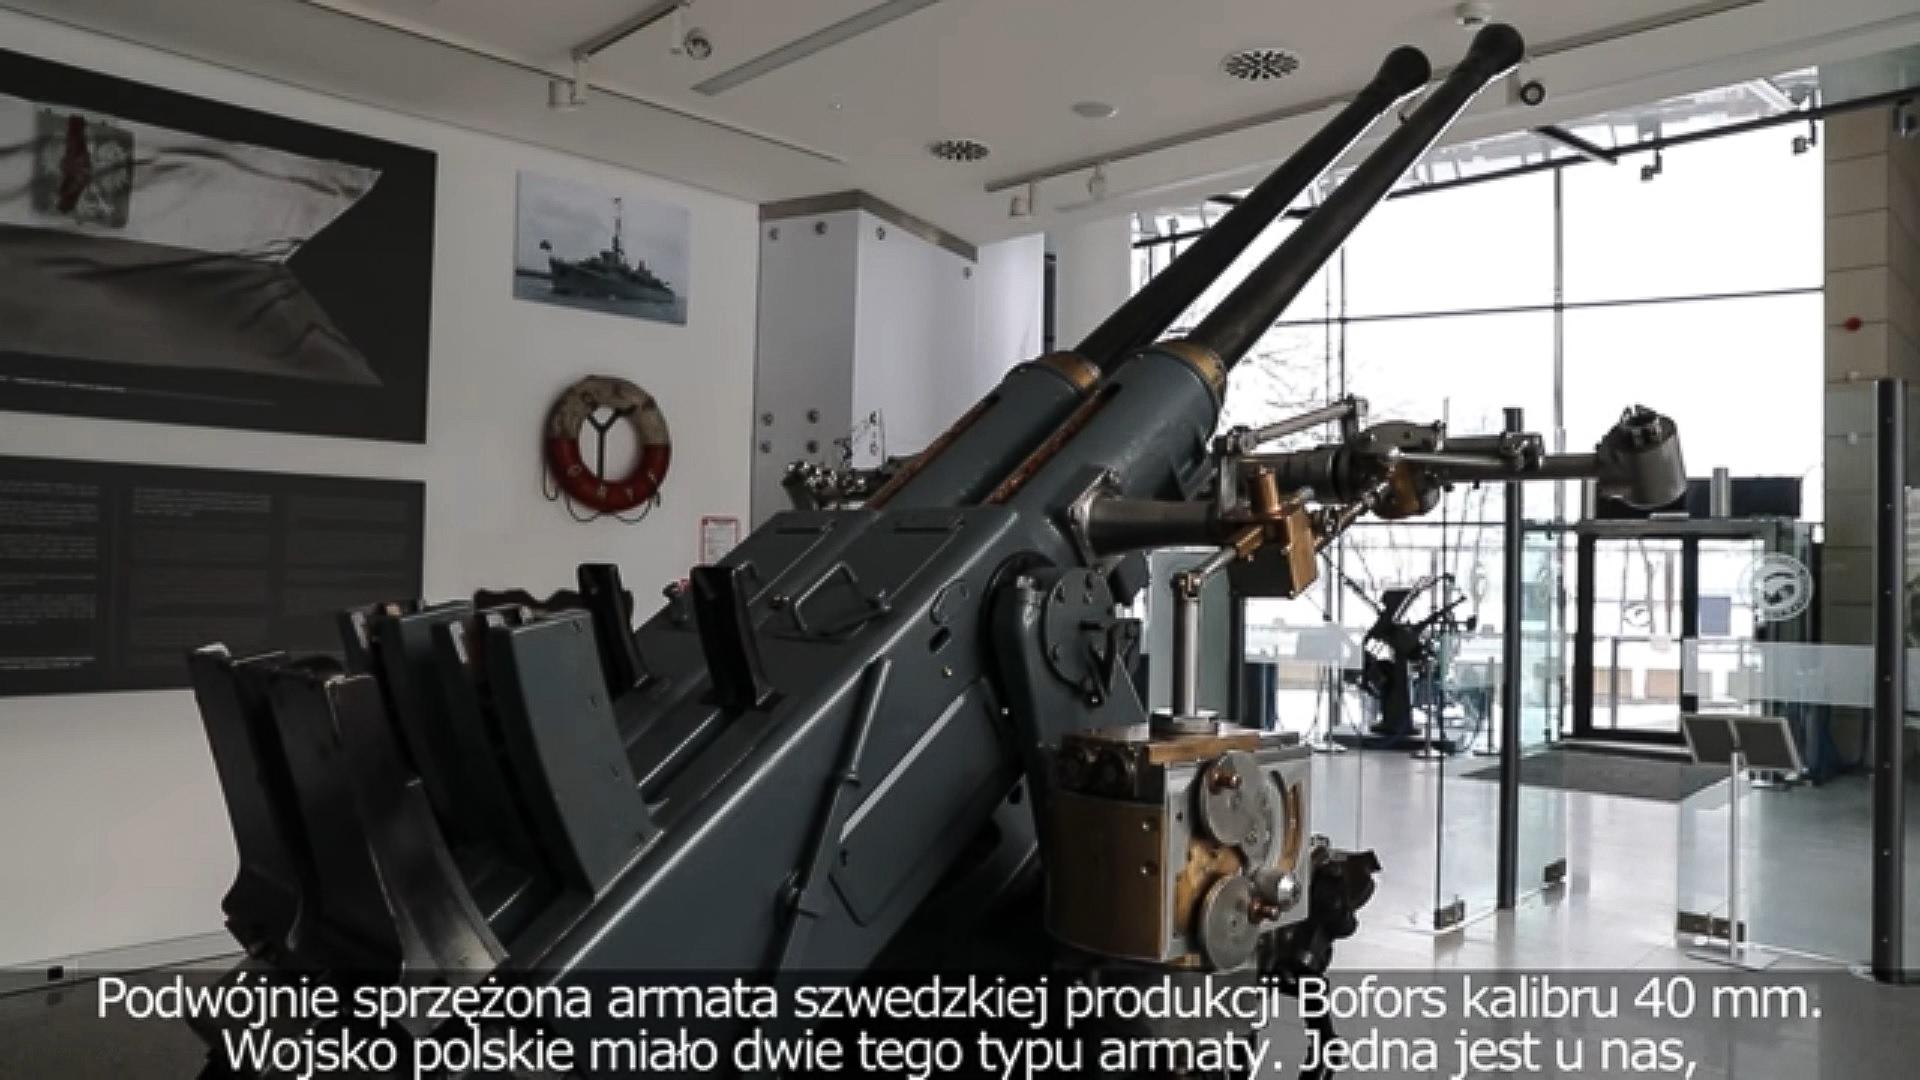 Armata Boforsa, źródło: Muzeum Marynarki Wojennej